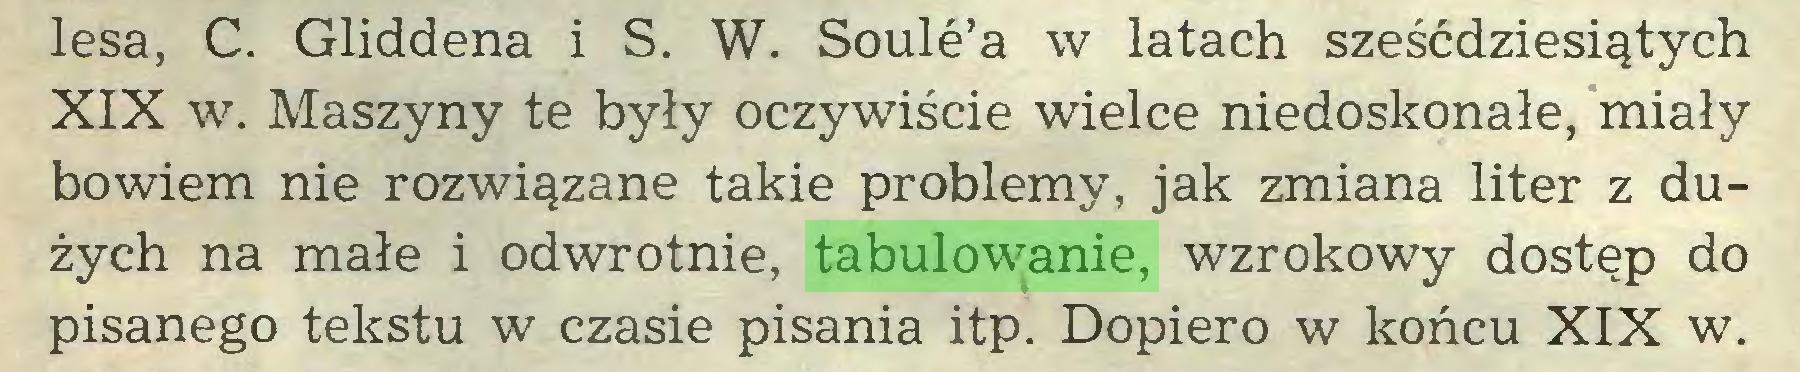 (...) lesa, C. Gliddena i S. W. Soule'a w latach sześćdziesiątych XIX w. Maszyny te były oczywiście wielce niedoskonałe, miały bowiem nie rozwiązane takie problemy, jak zmiana liter z dużych na małe i odwrotnie, tabulowanie, wzrokowy dostęp do pisanego tekstu w czasie pisania itp. Dopiero w końcu XIX w...